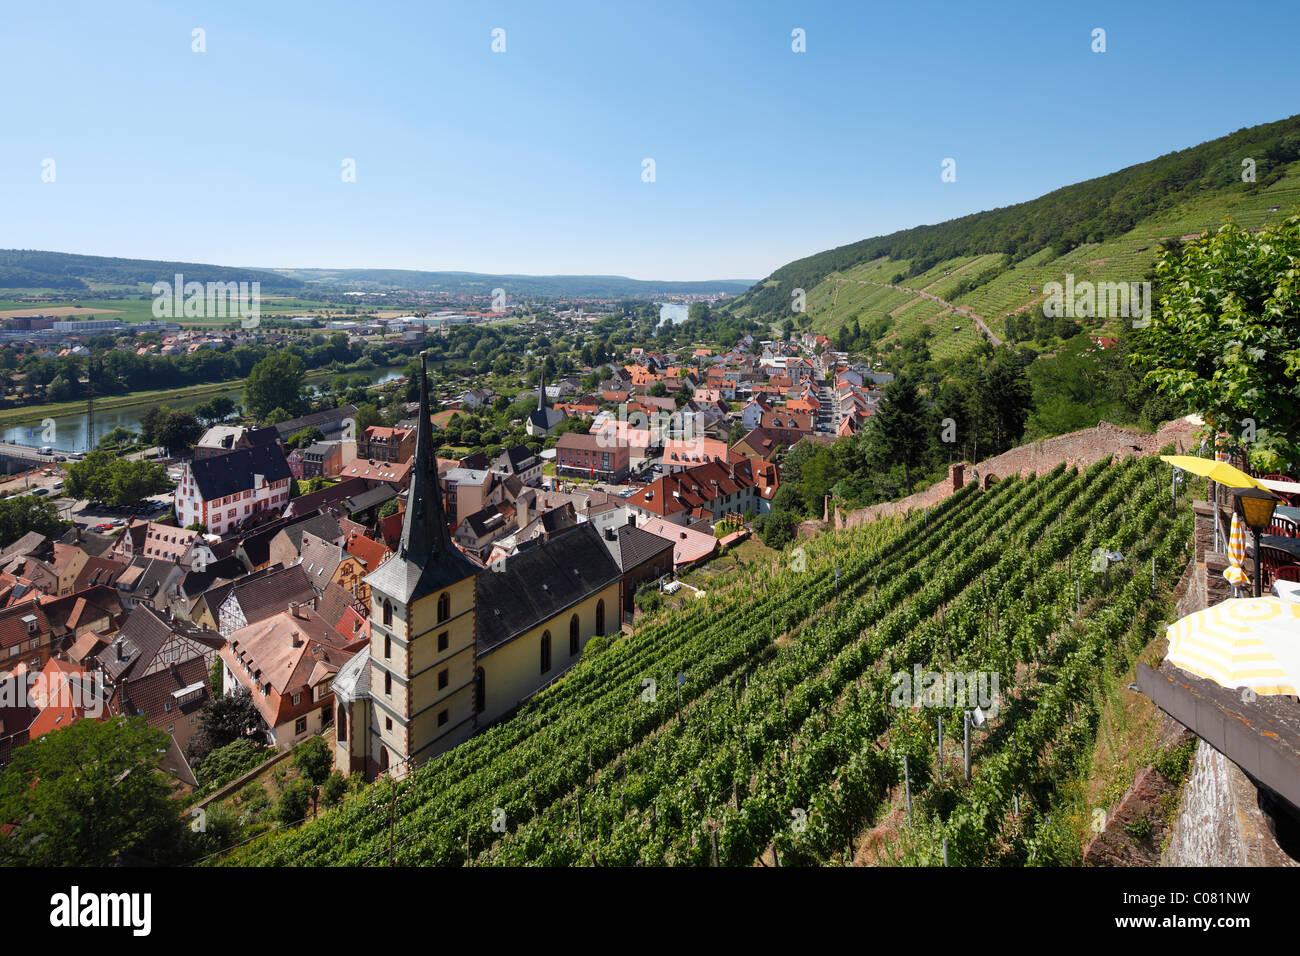 Klingenberg Am Main